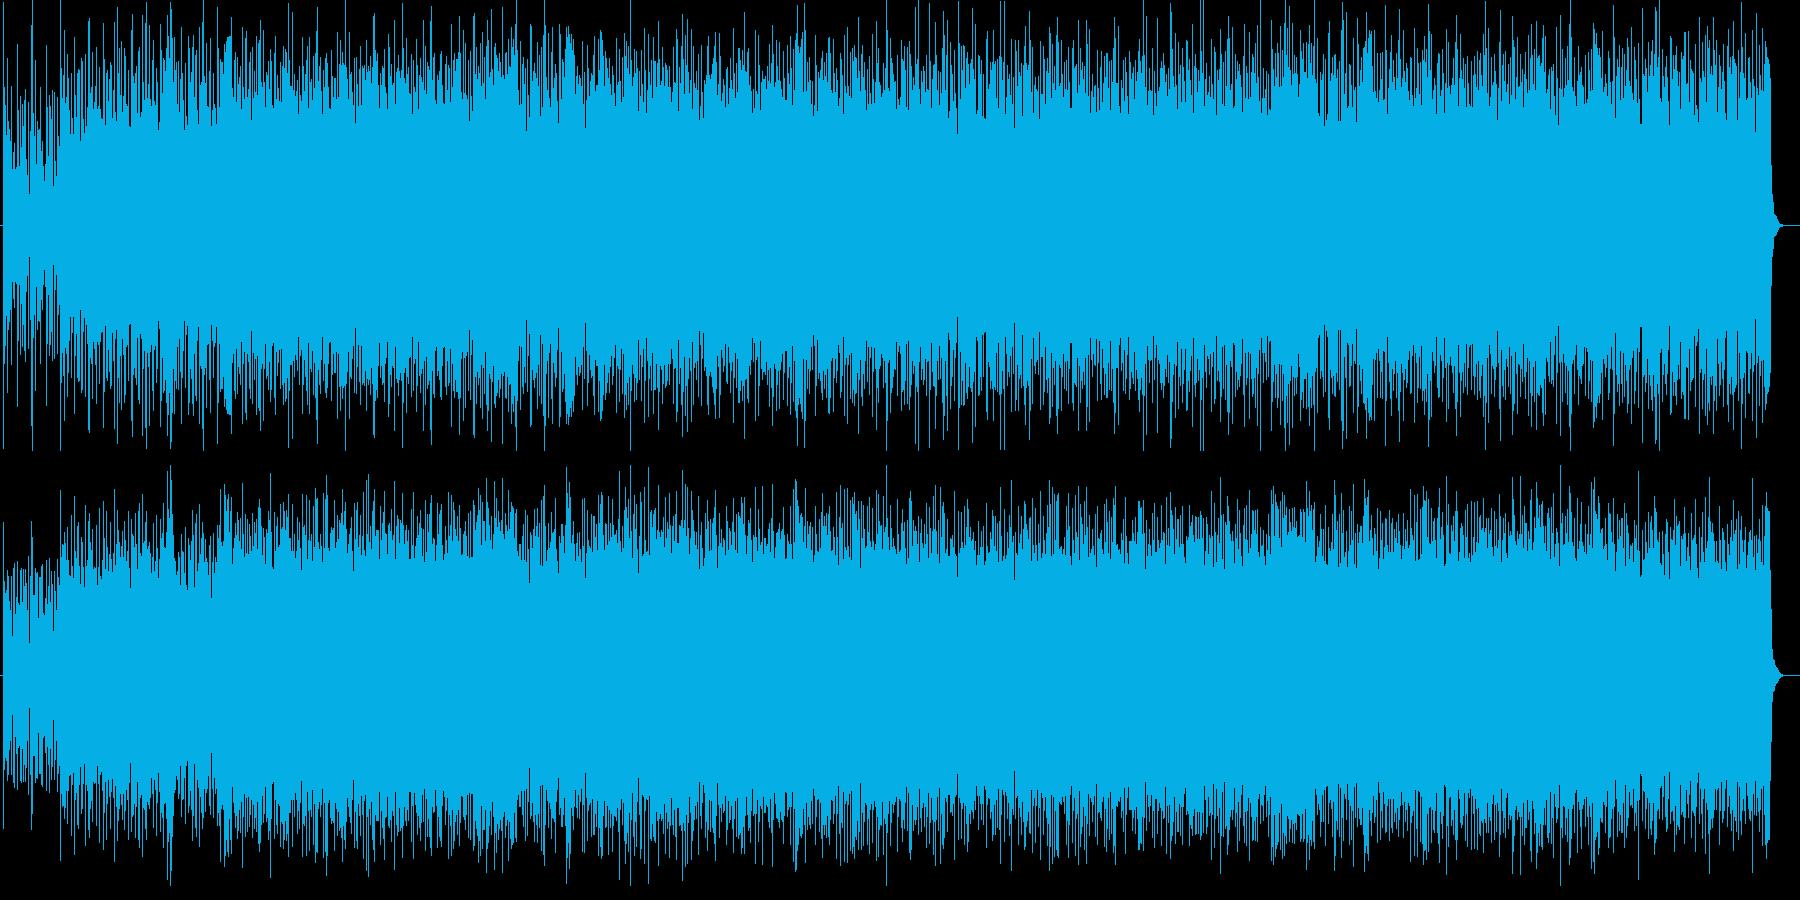 ラスボス感あふれるポップスの再生済みの波形